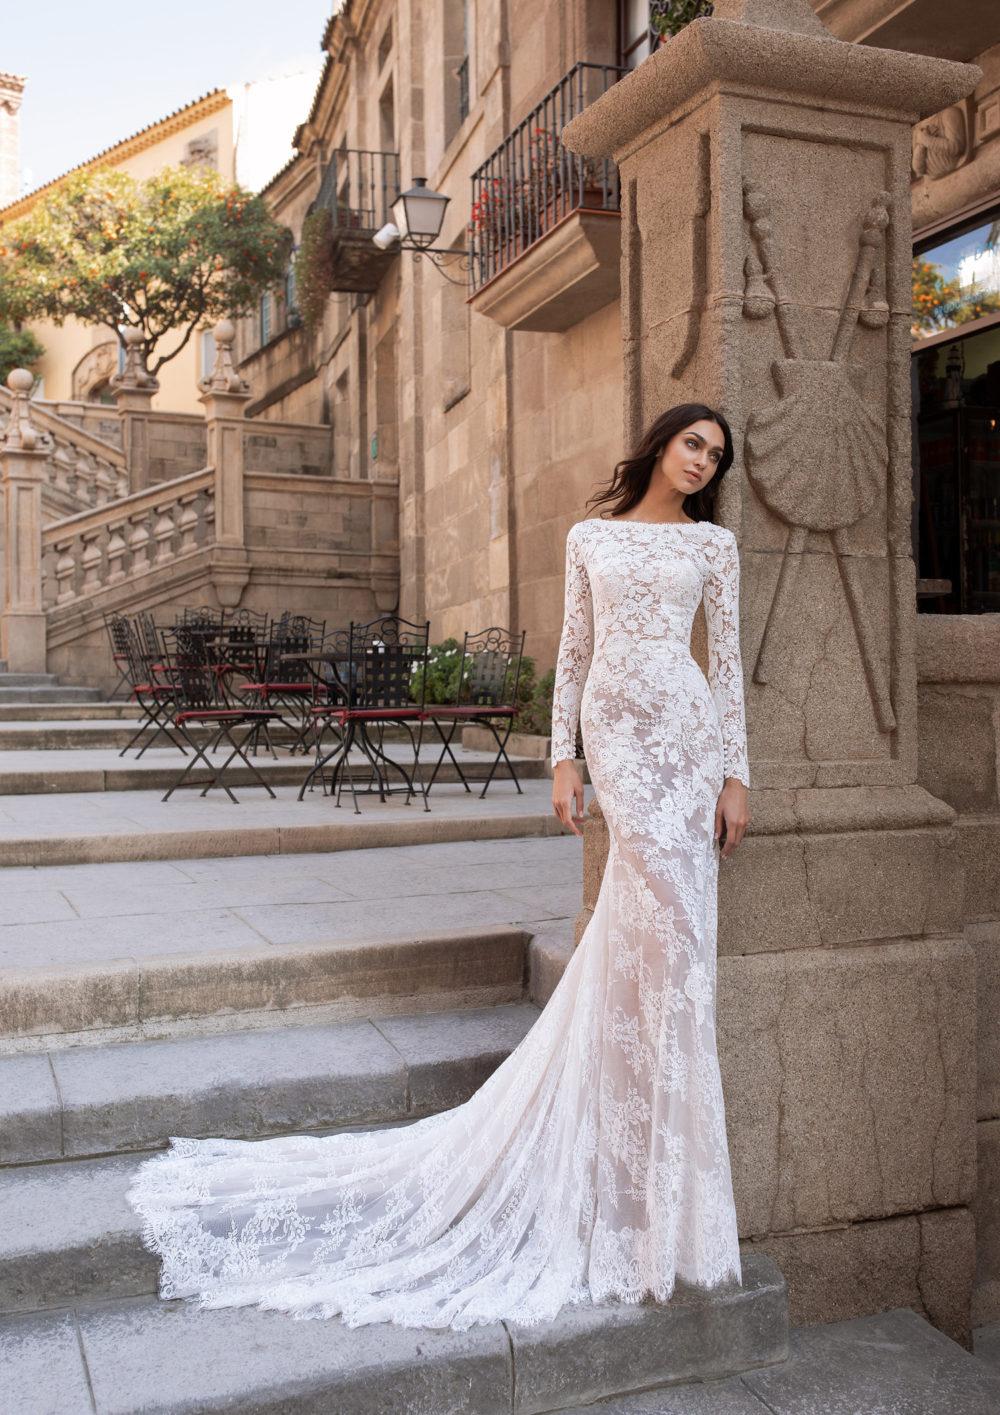 Mariages: abito da sposa Pronovias 2020 a Vicenza, Verona, Padova, Veneto TELESTO